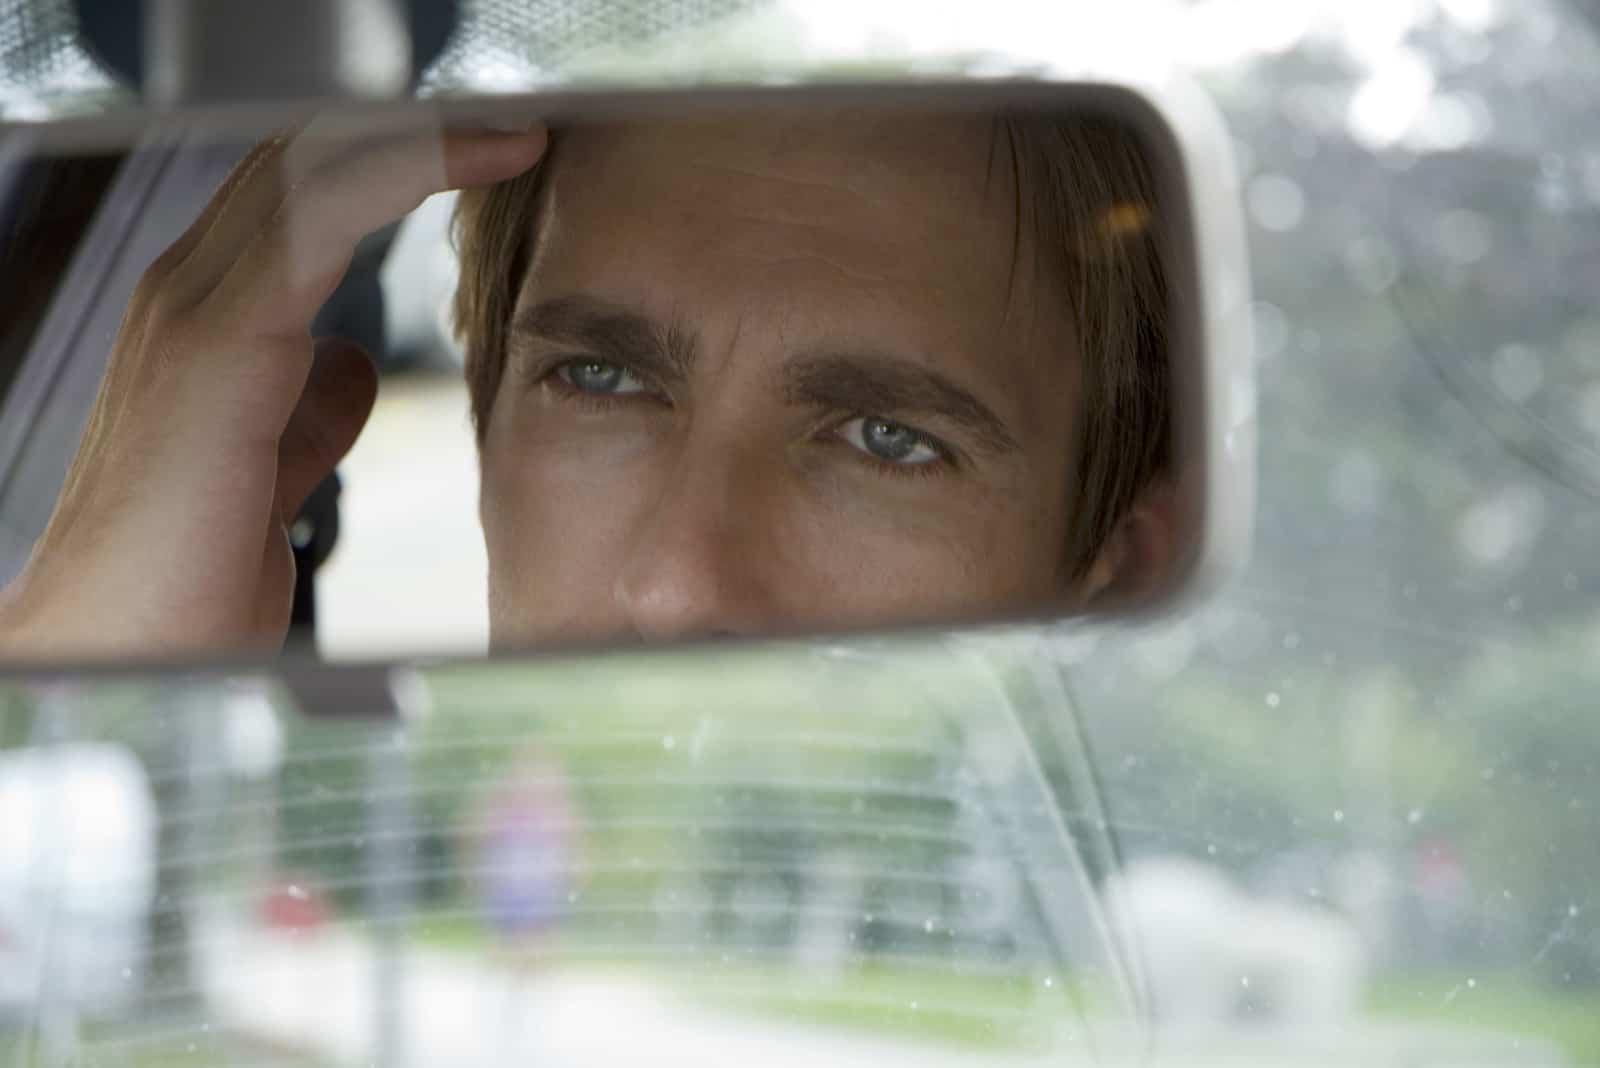 Ein gutaussehender Mann schaut im Auto in den Spiegel